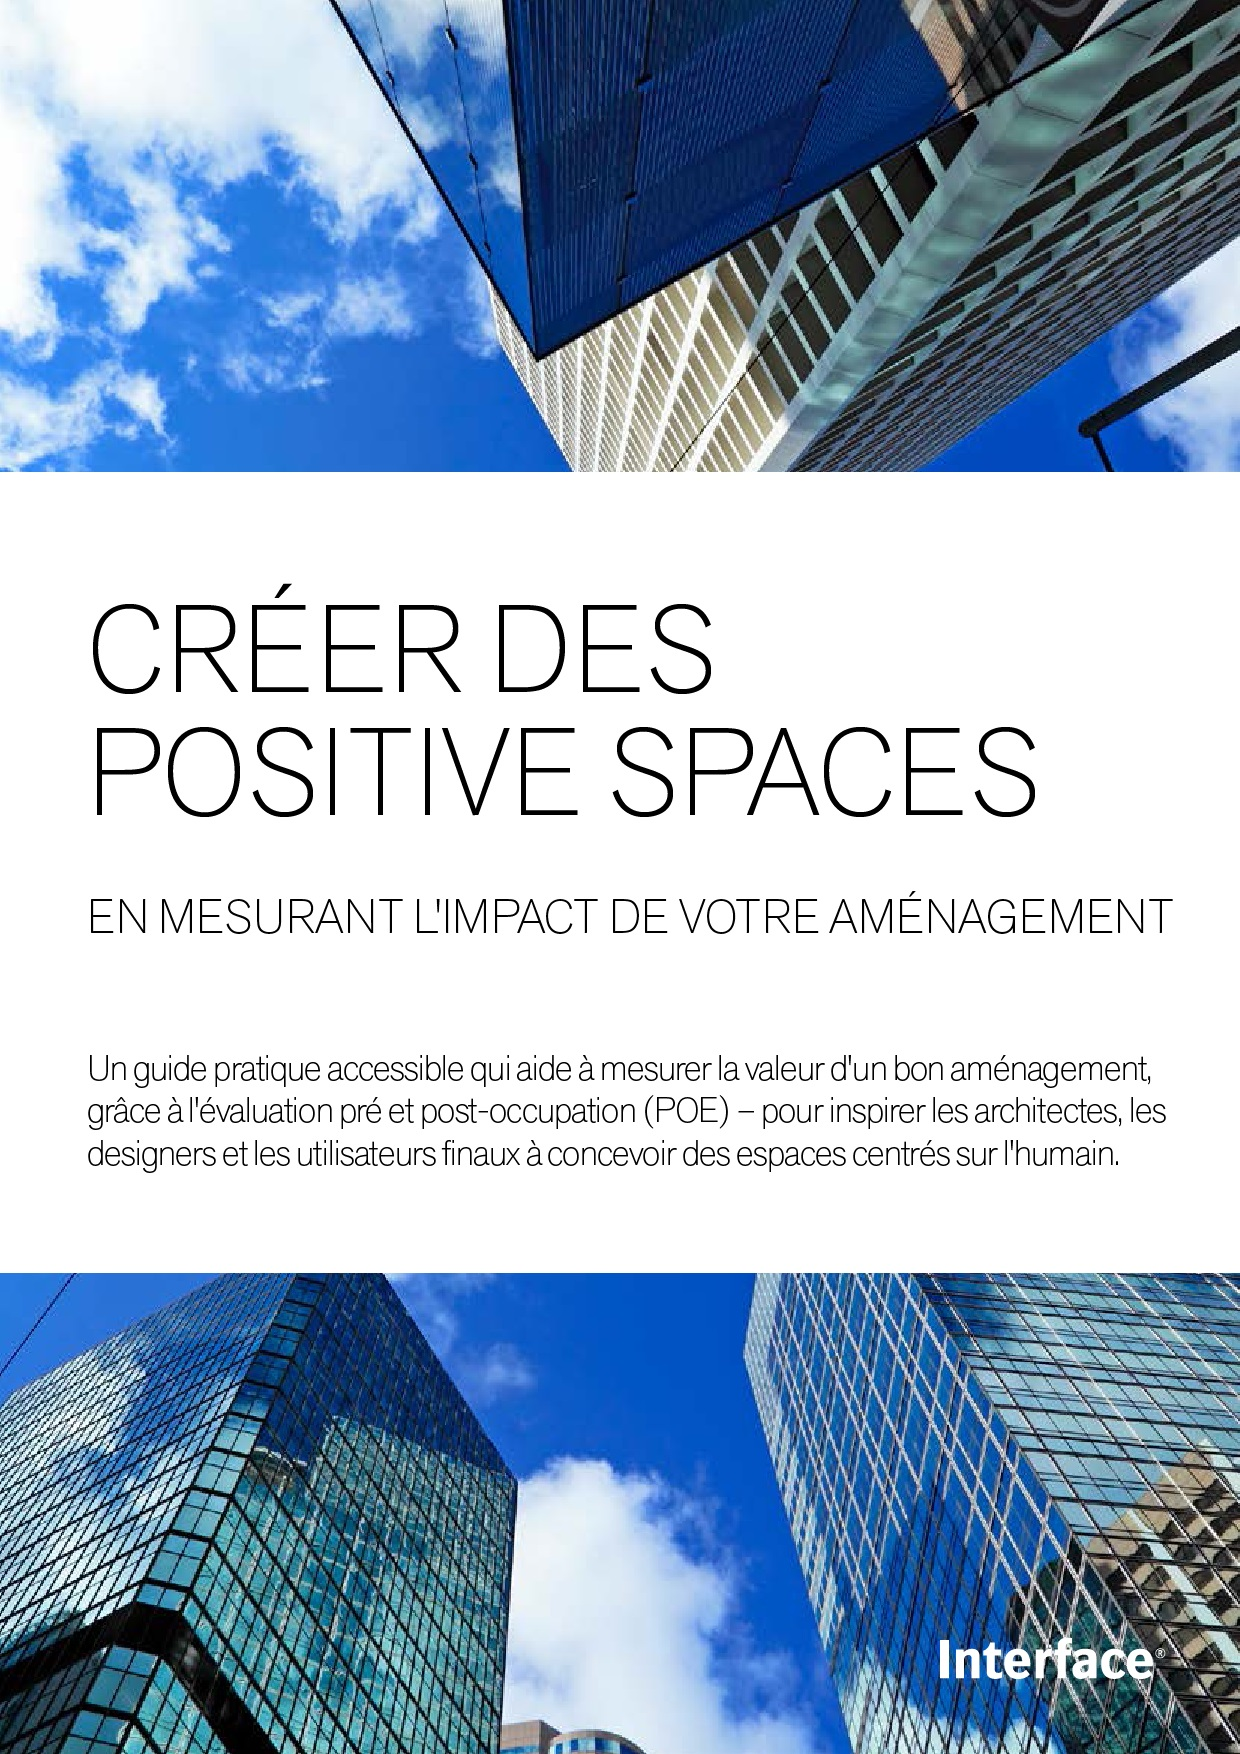 Rapport : Mesurer l'impact de votre aménagement